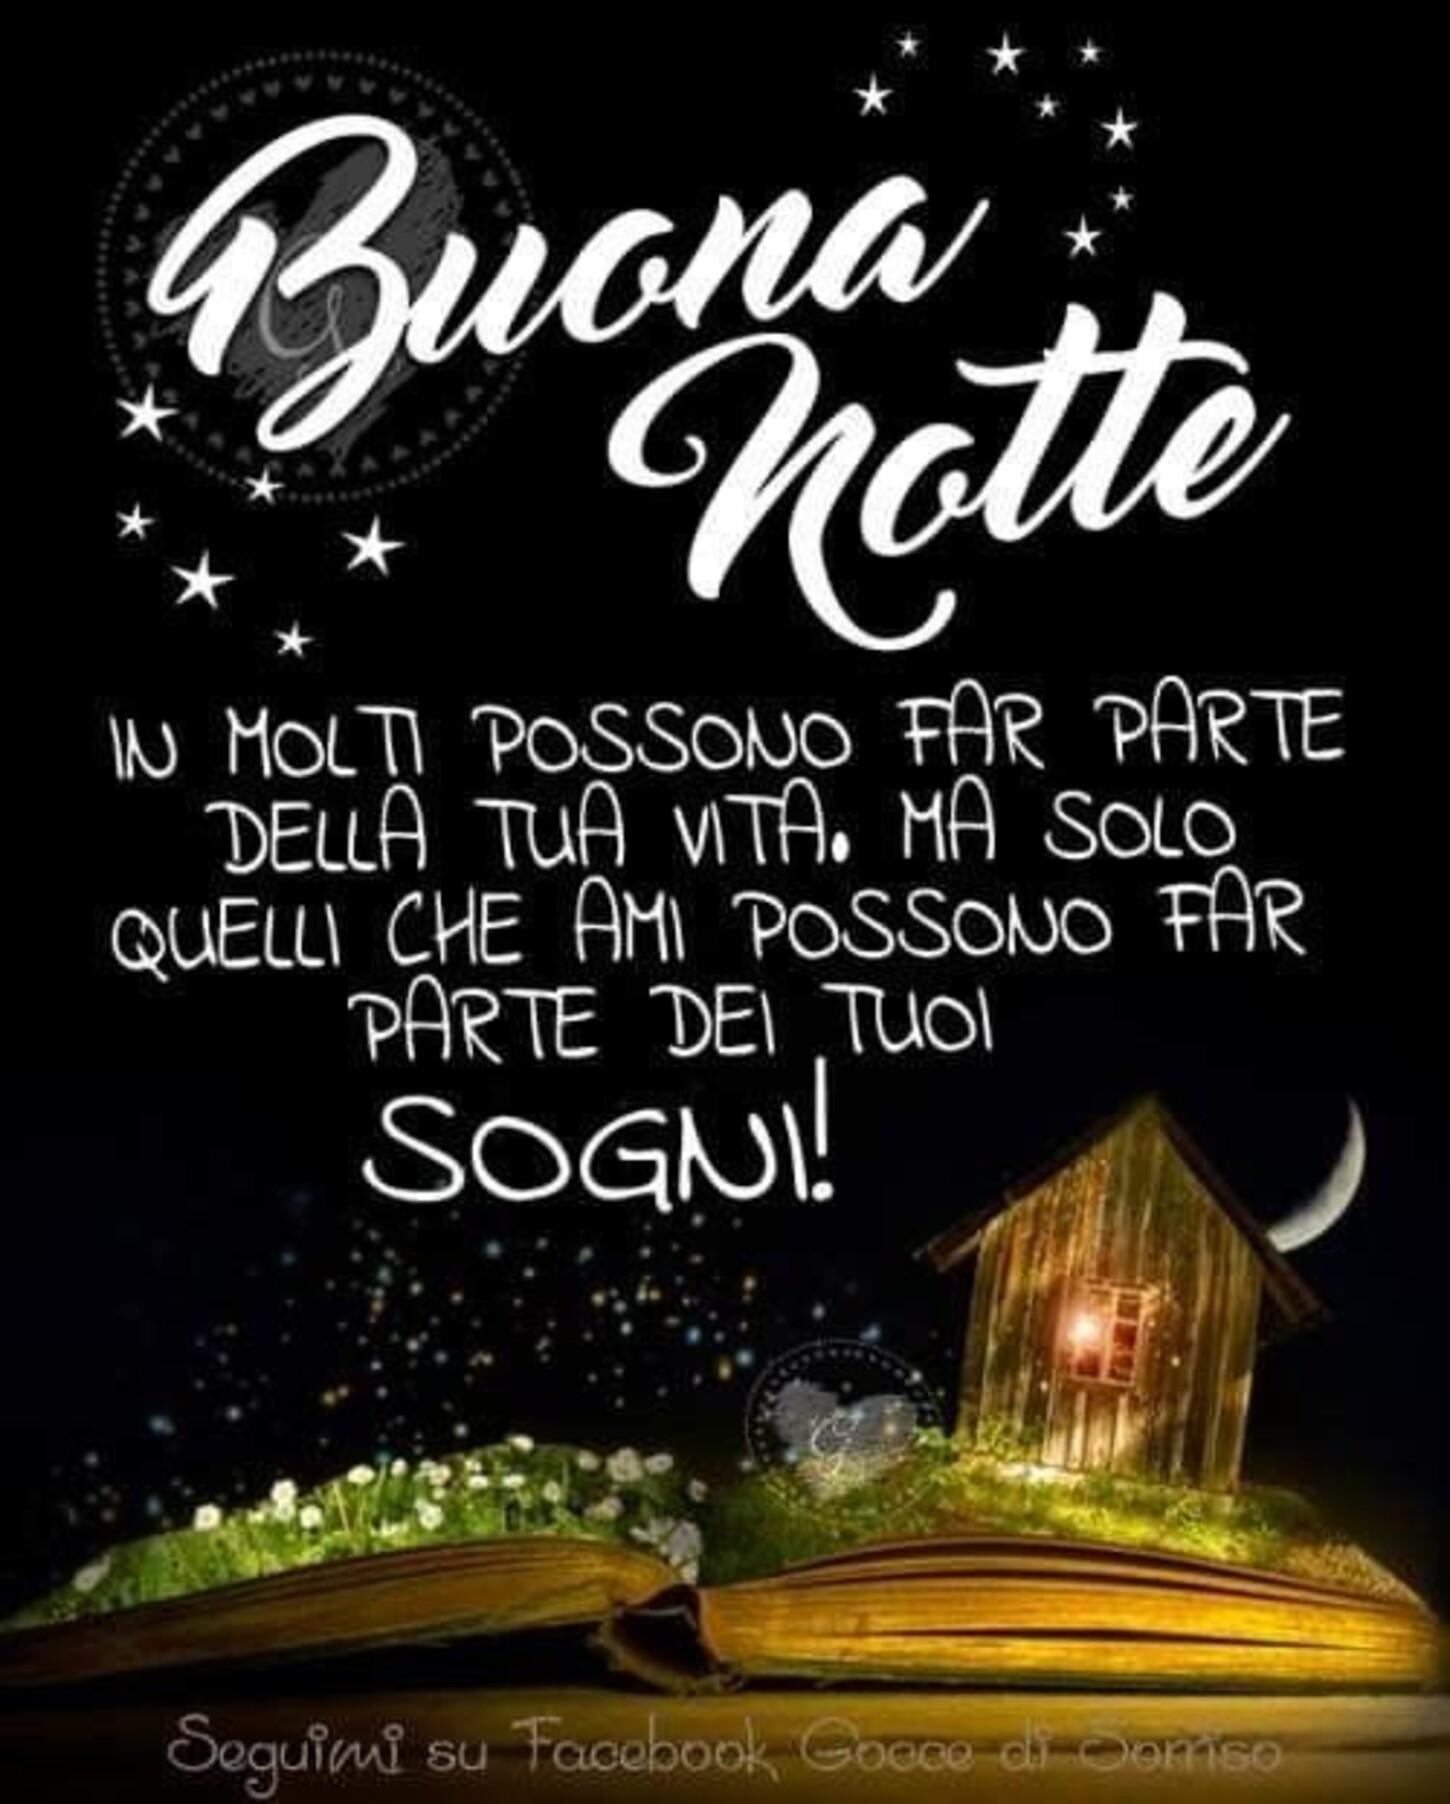 Buona Notte In molti possono far parte della tua vita, ma solo quelli che ami possono far parte dei tuoi sogni!